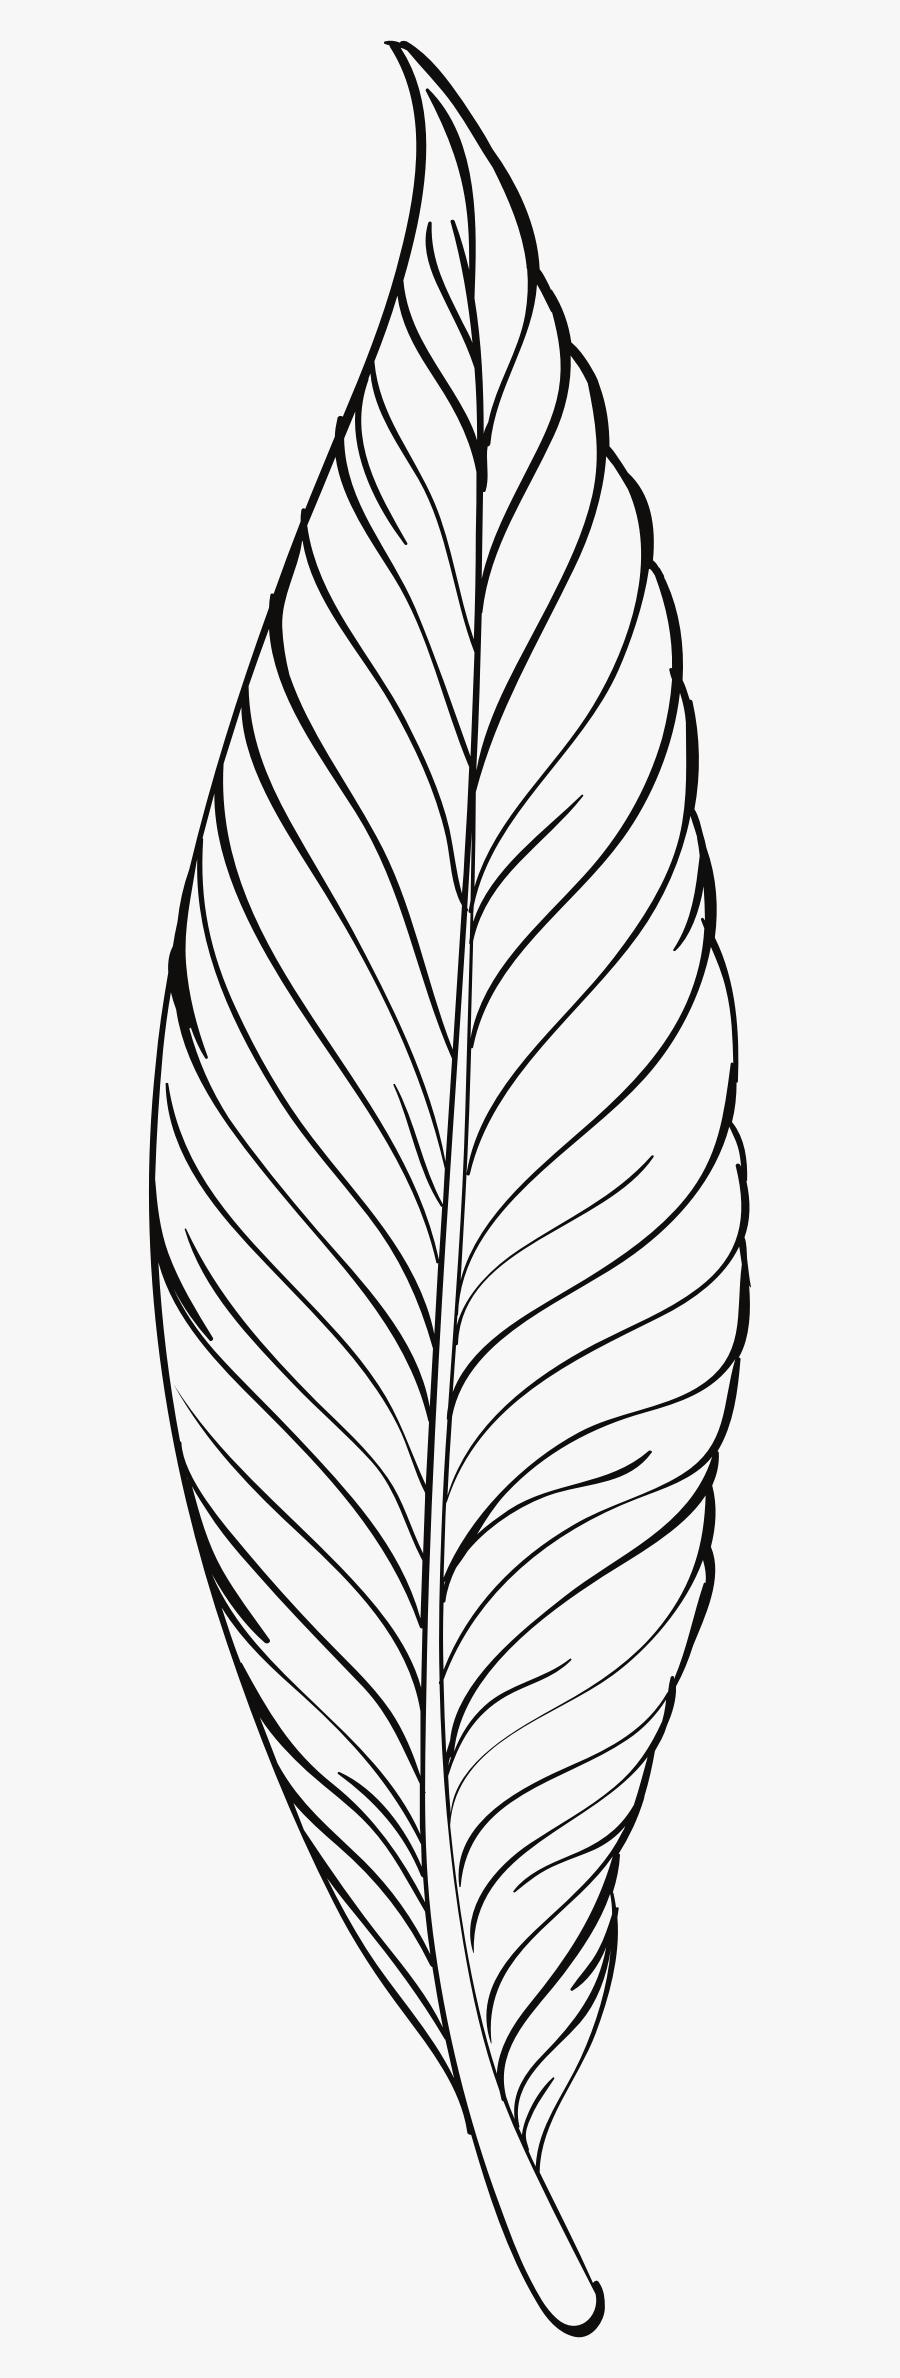 Feather Line Art Clip Arts - Plant Line Art Png, Transparent Clipart